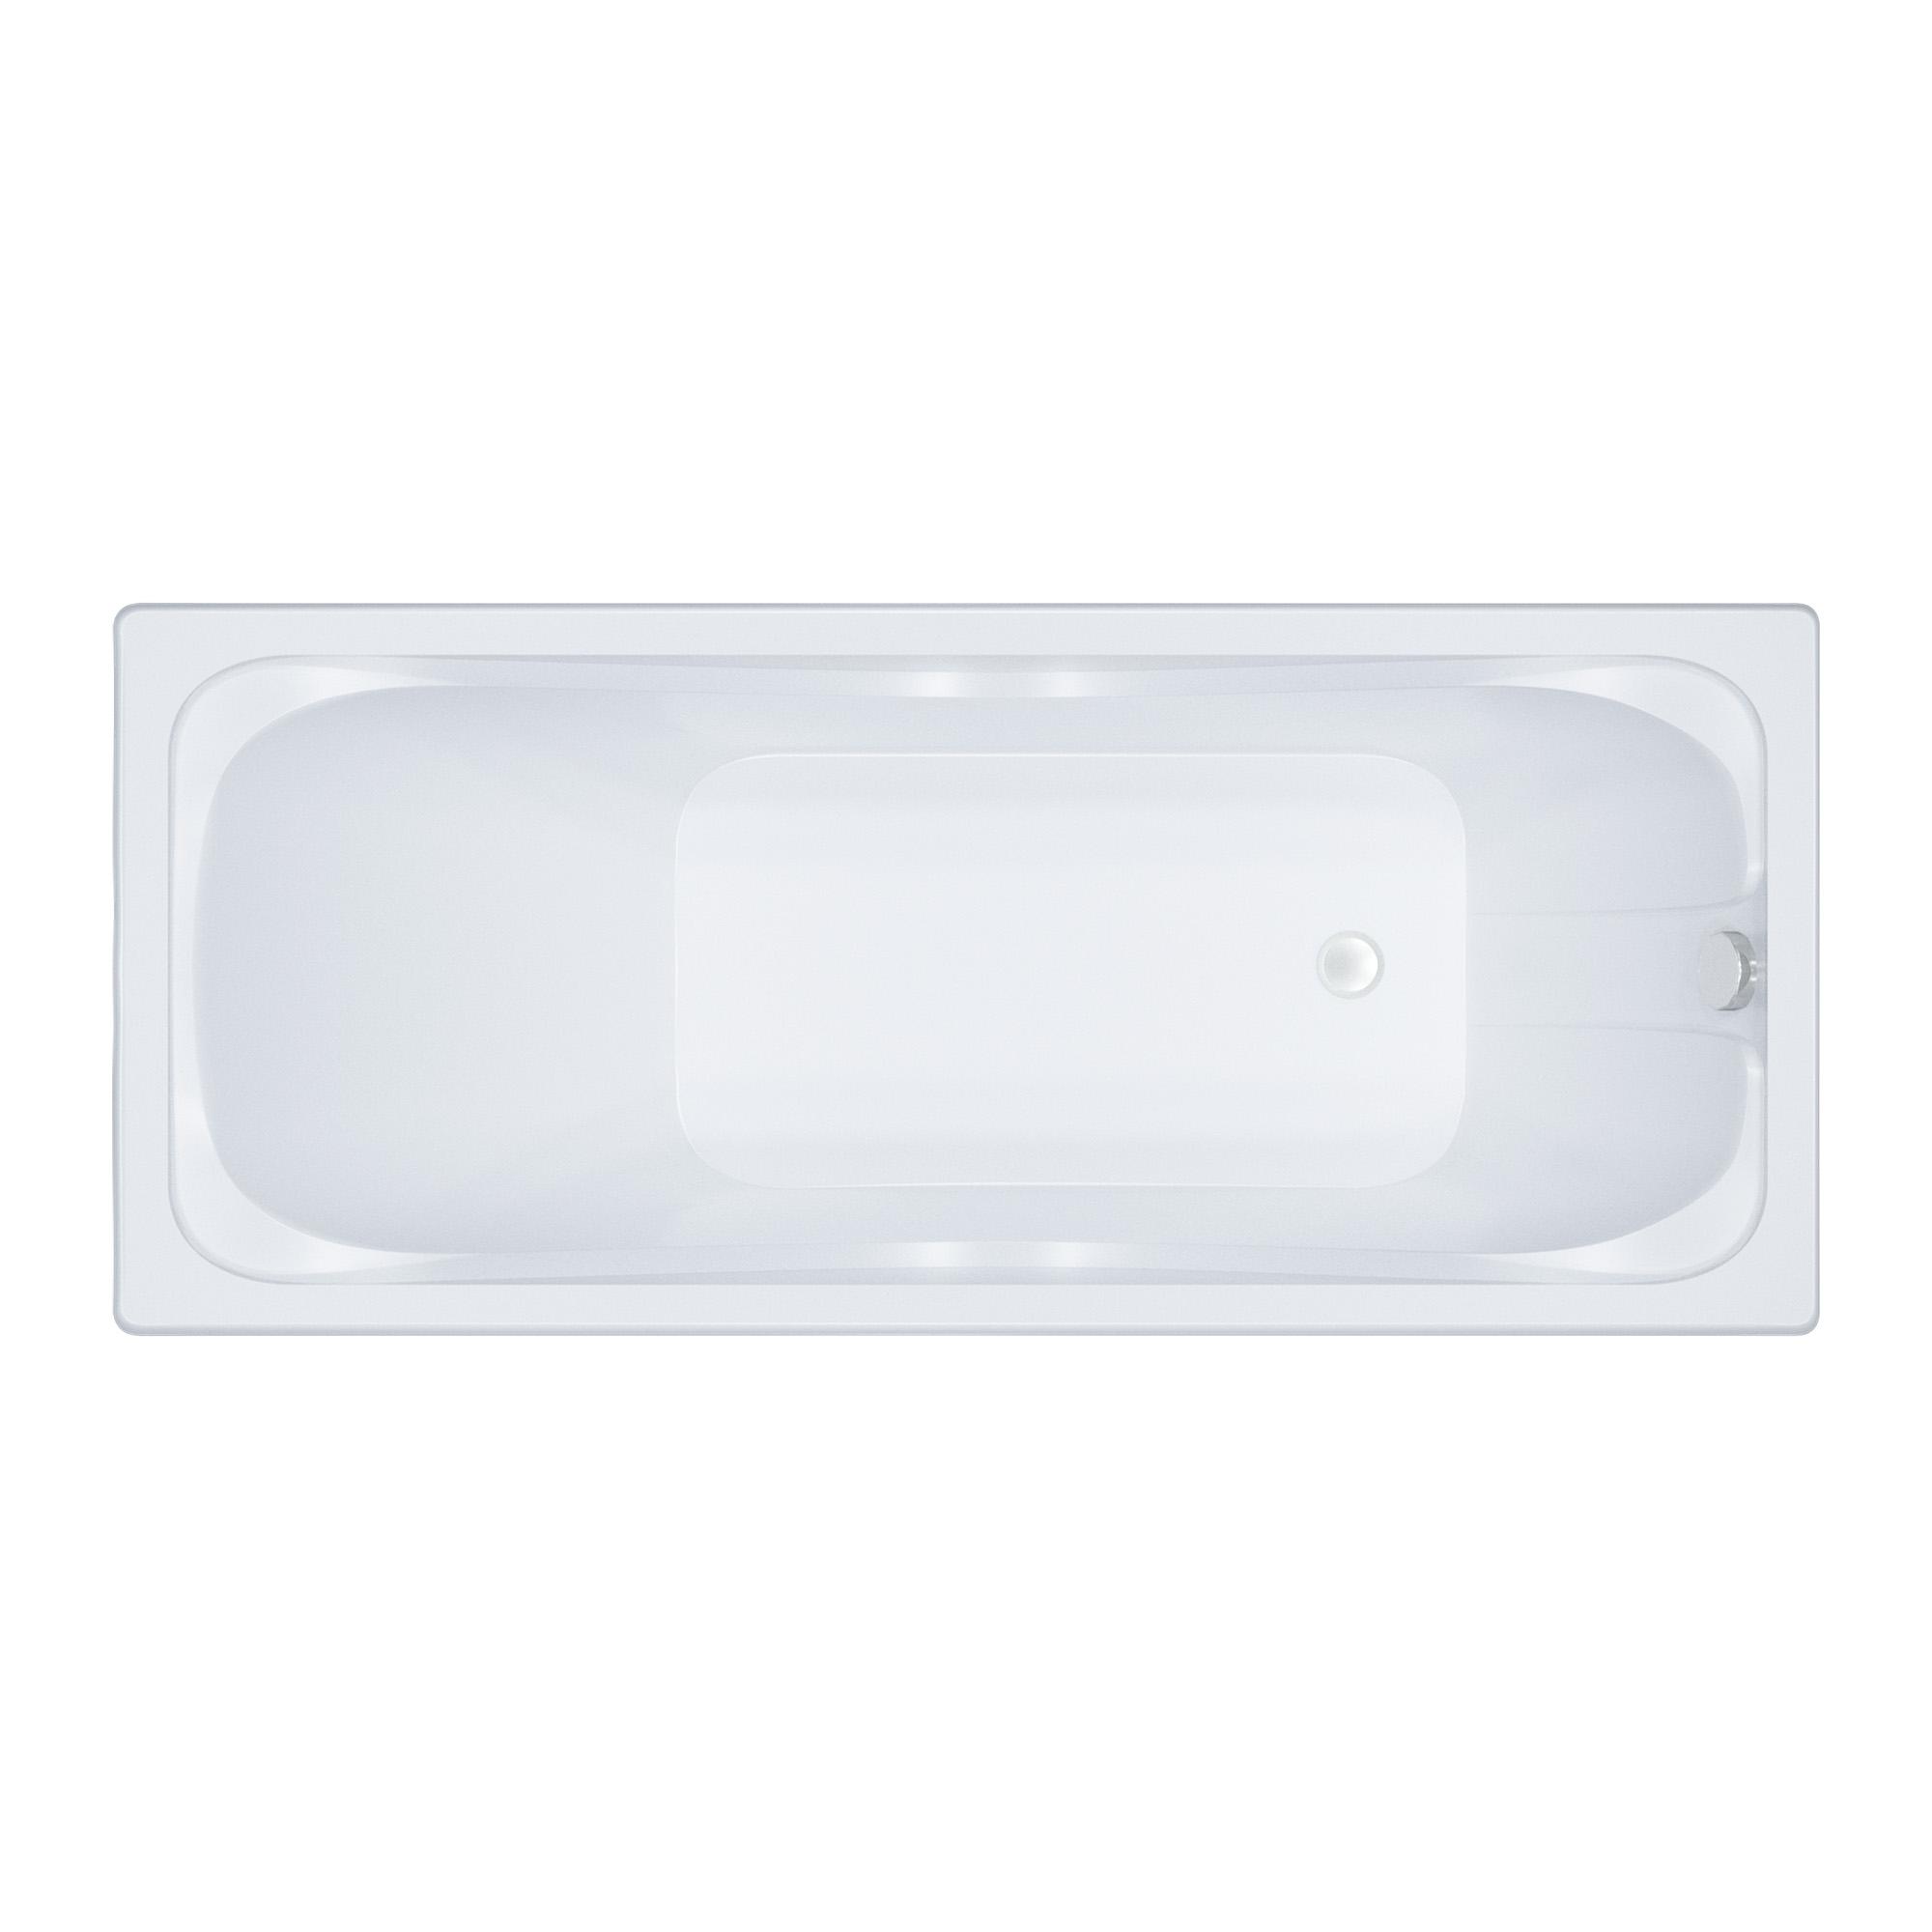 Акриловая ванна Тритон Стандарт 130 слив перелив alcaplast для ванны под бронзу a55 antic